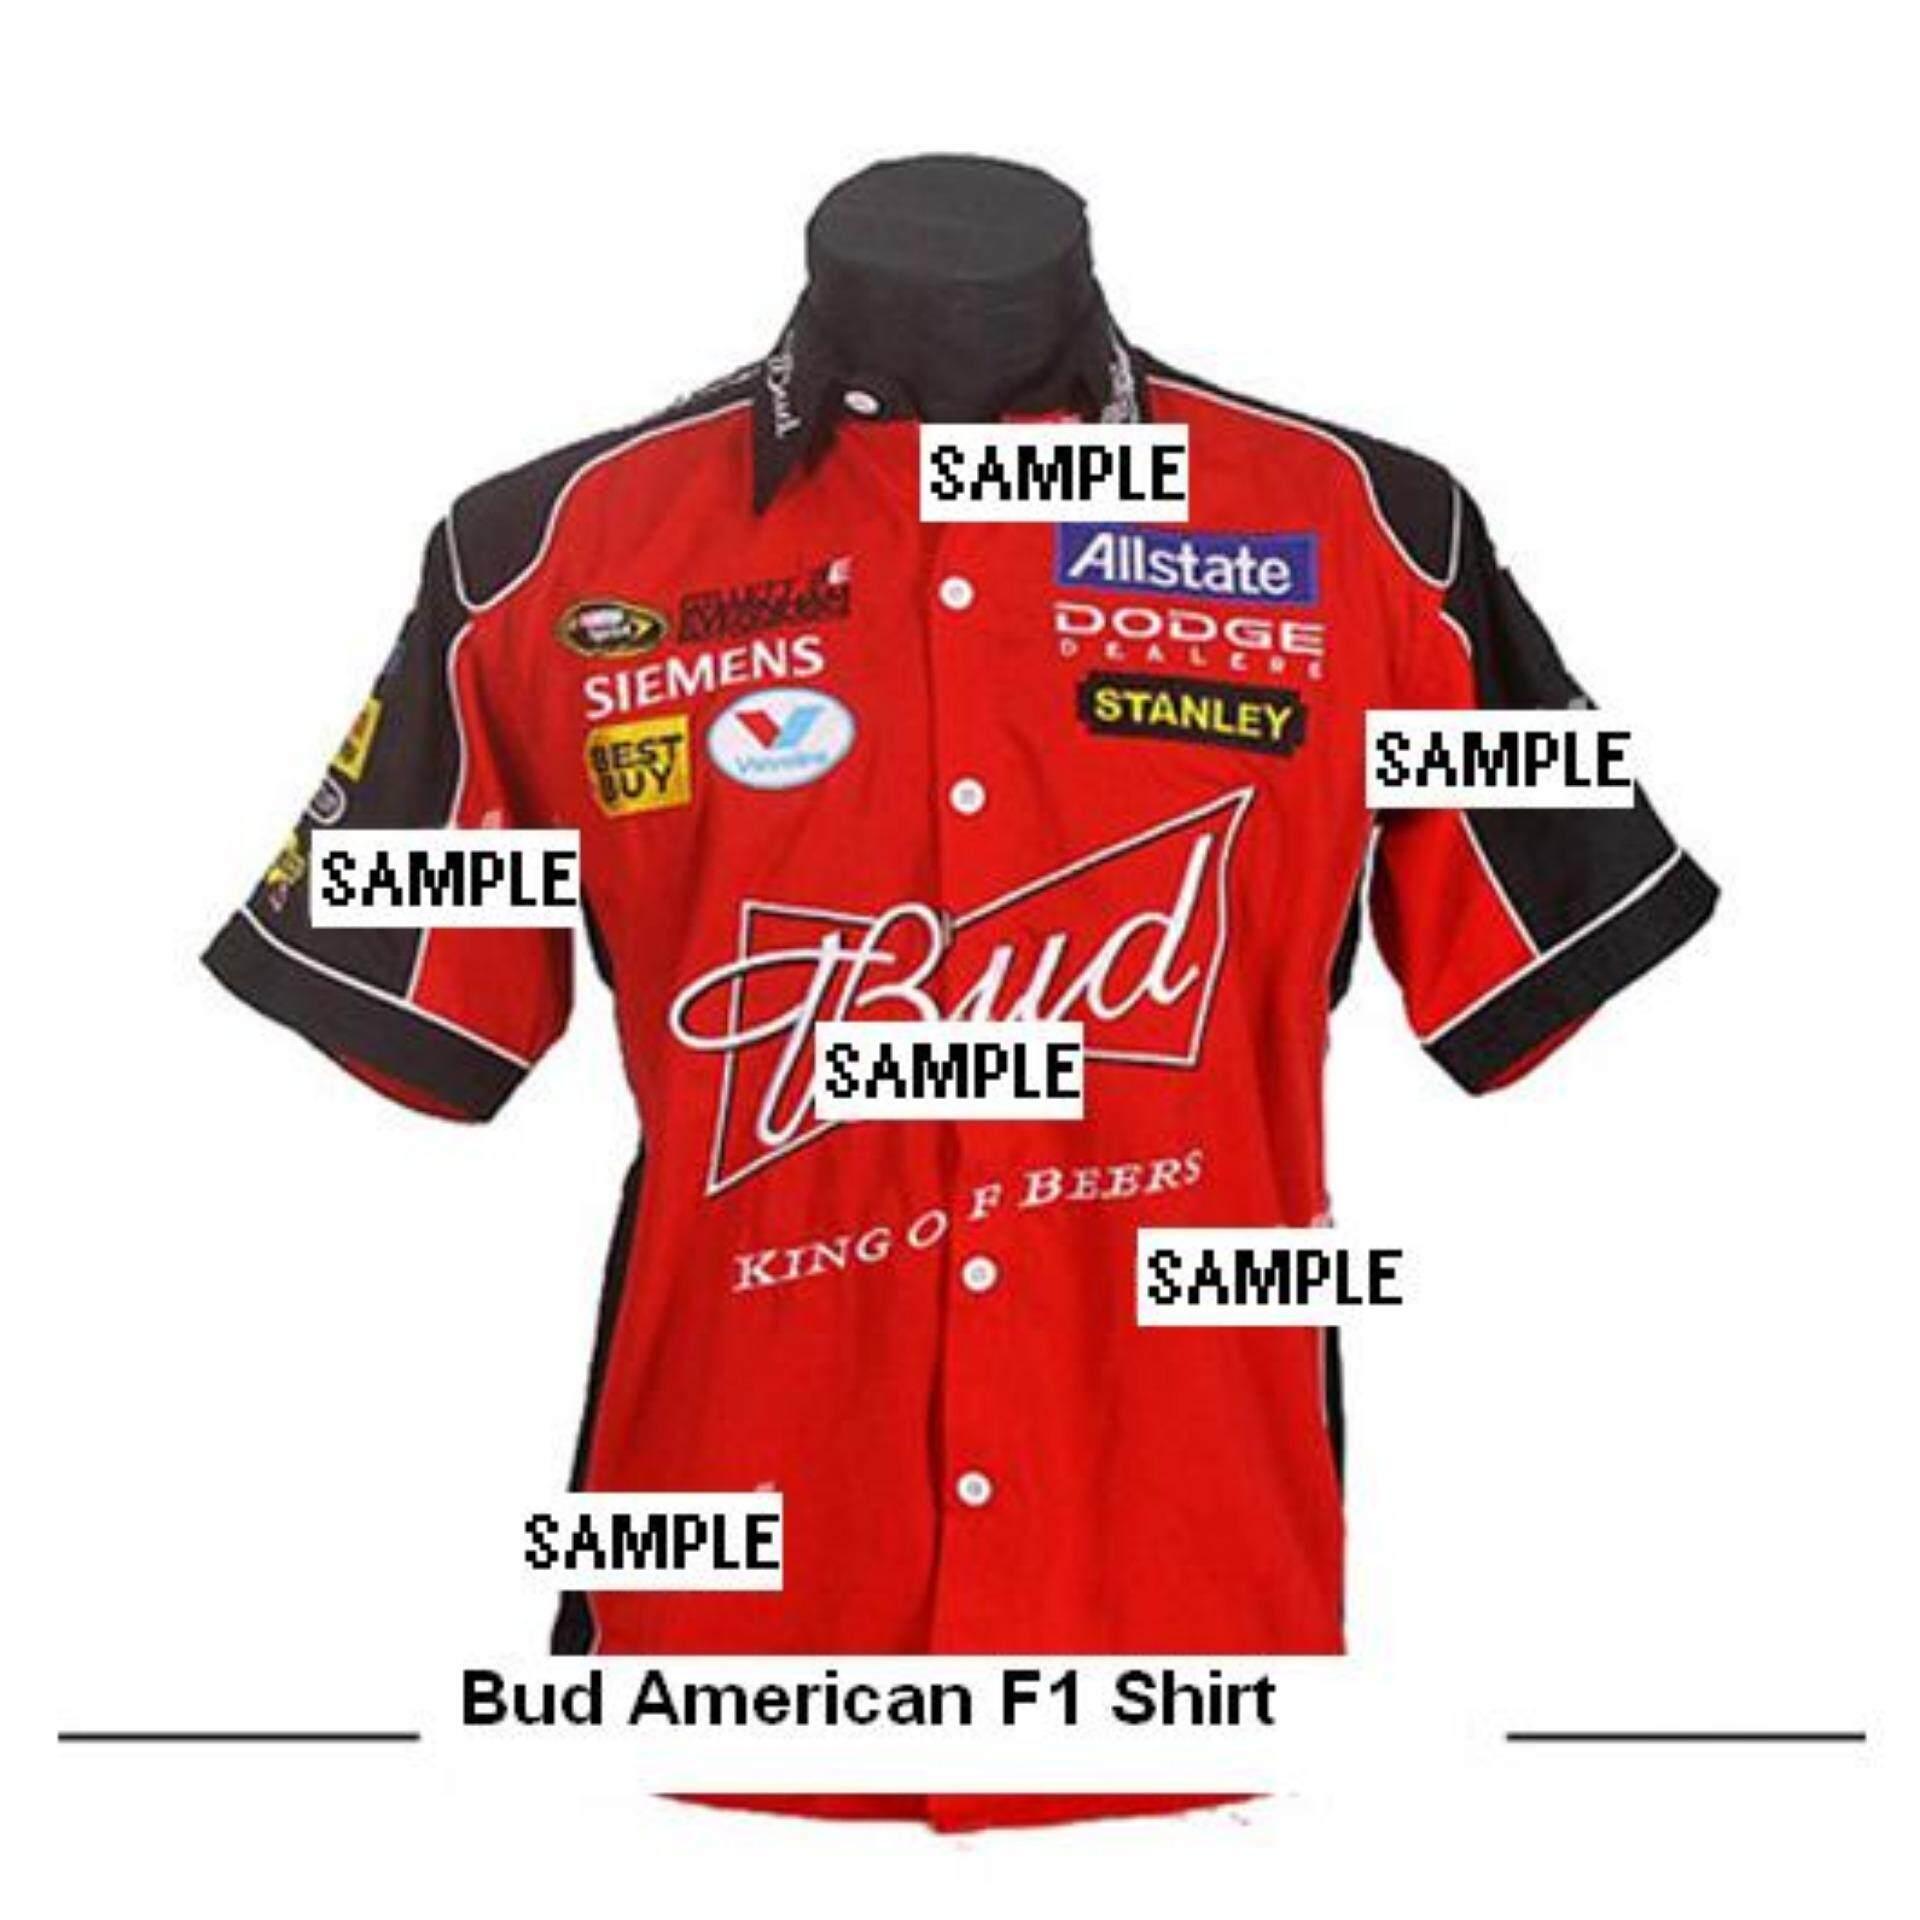 USA Nascar Racing Bud American F1 Shirt Red Color